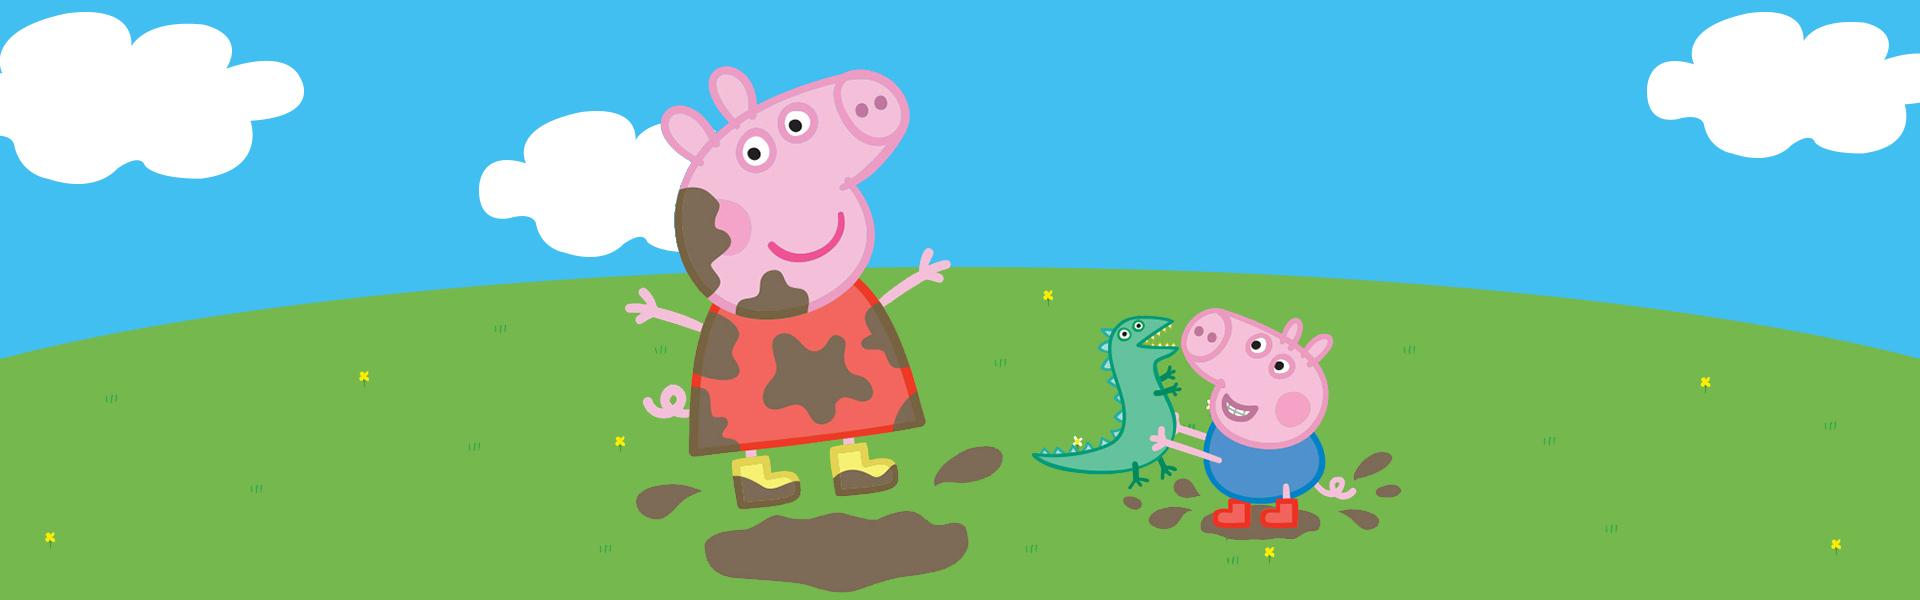 Cartoni animati Peppa Pig in italiano